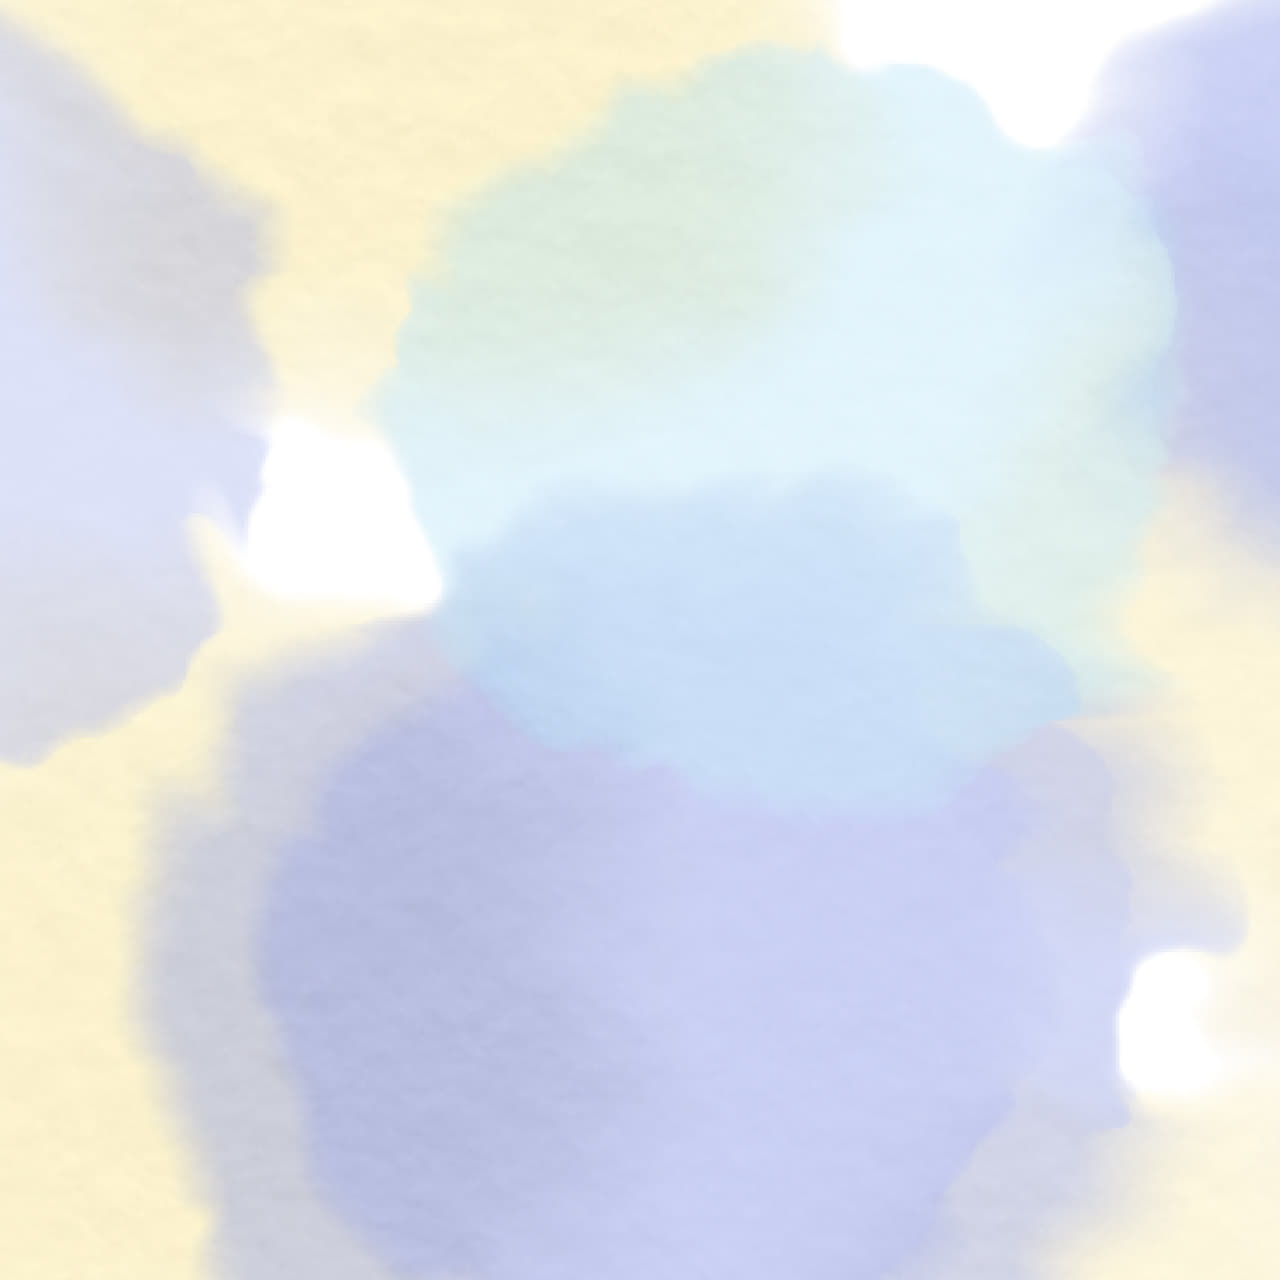 水彩で描いた円をにじませたラッピング素材